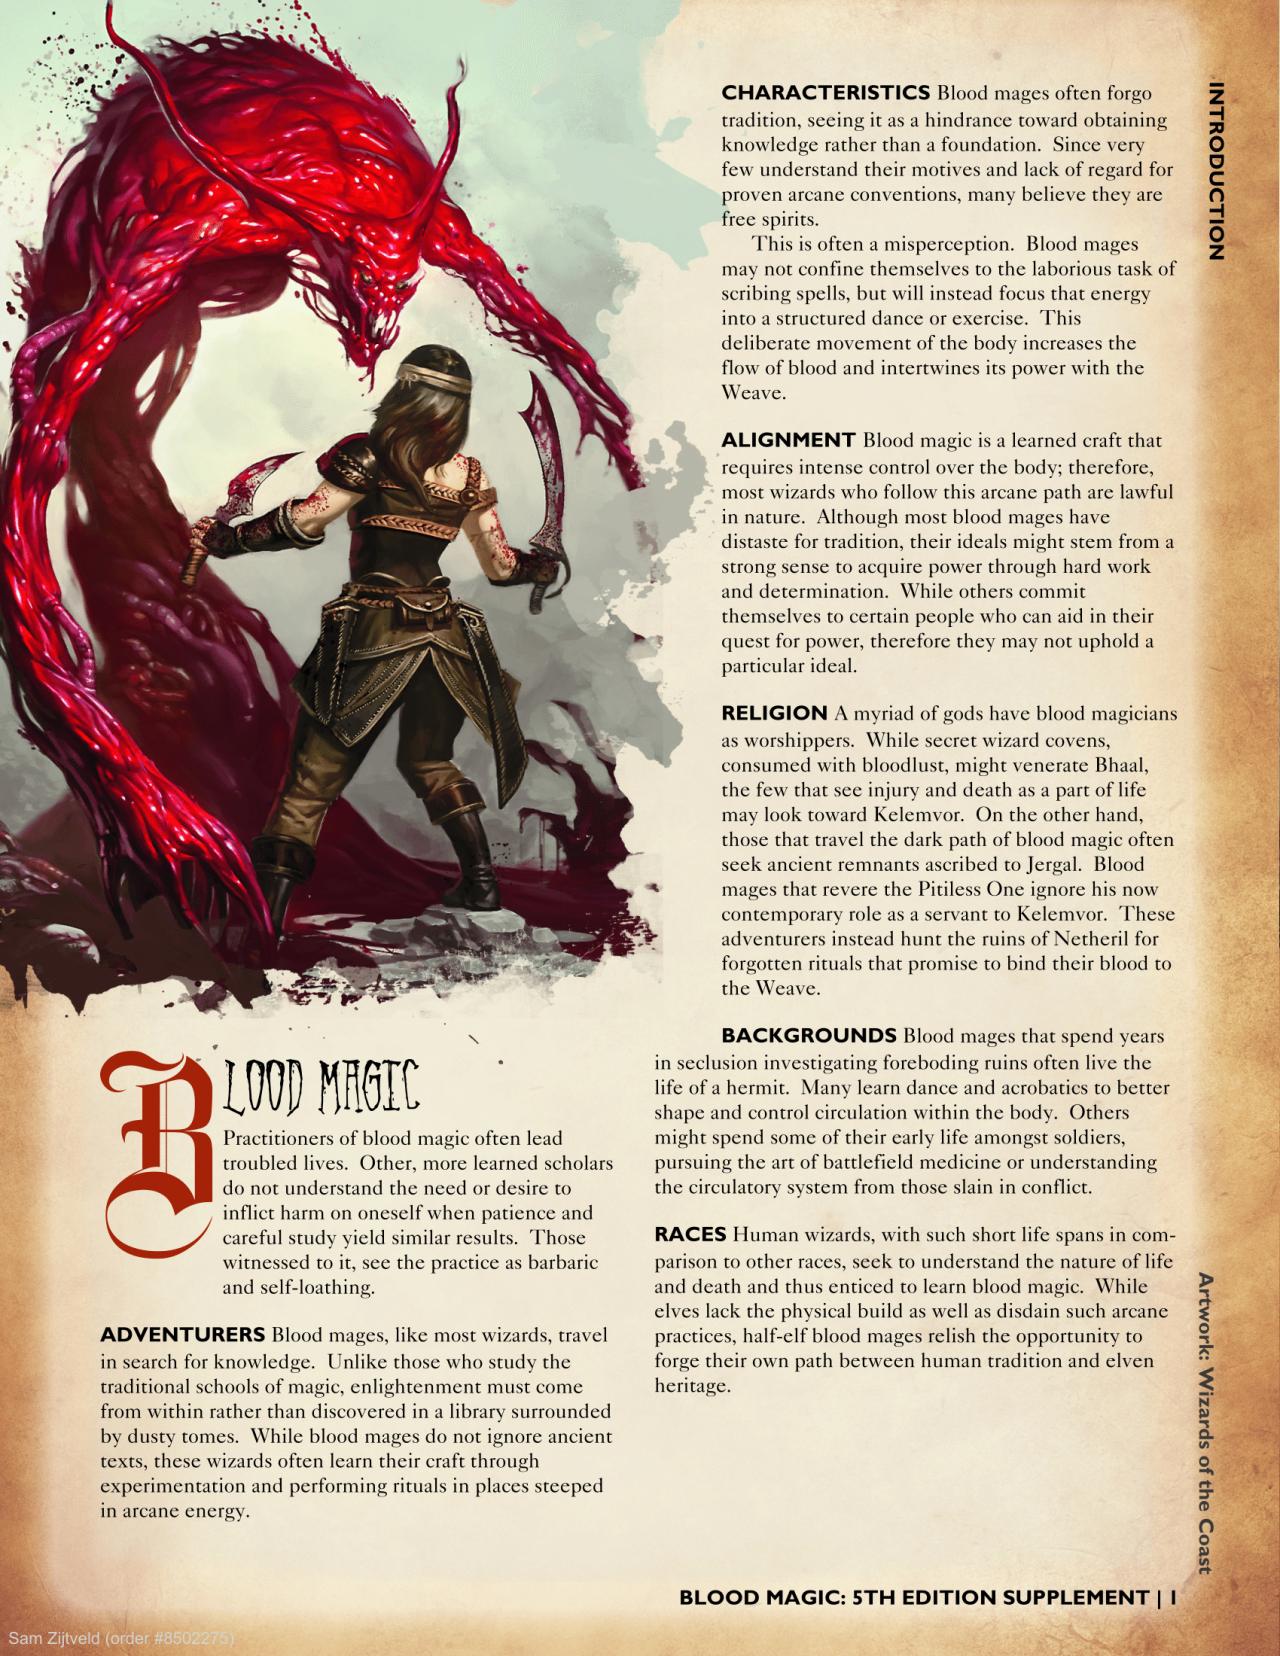 DnD 5e Homebrew | Ideas | Pinterest | Dnd 5e homebrew, Dragons and RPG